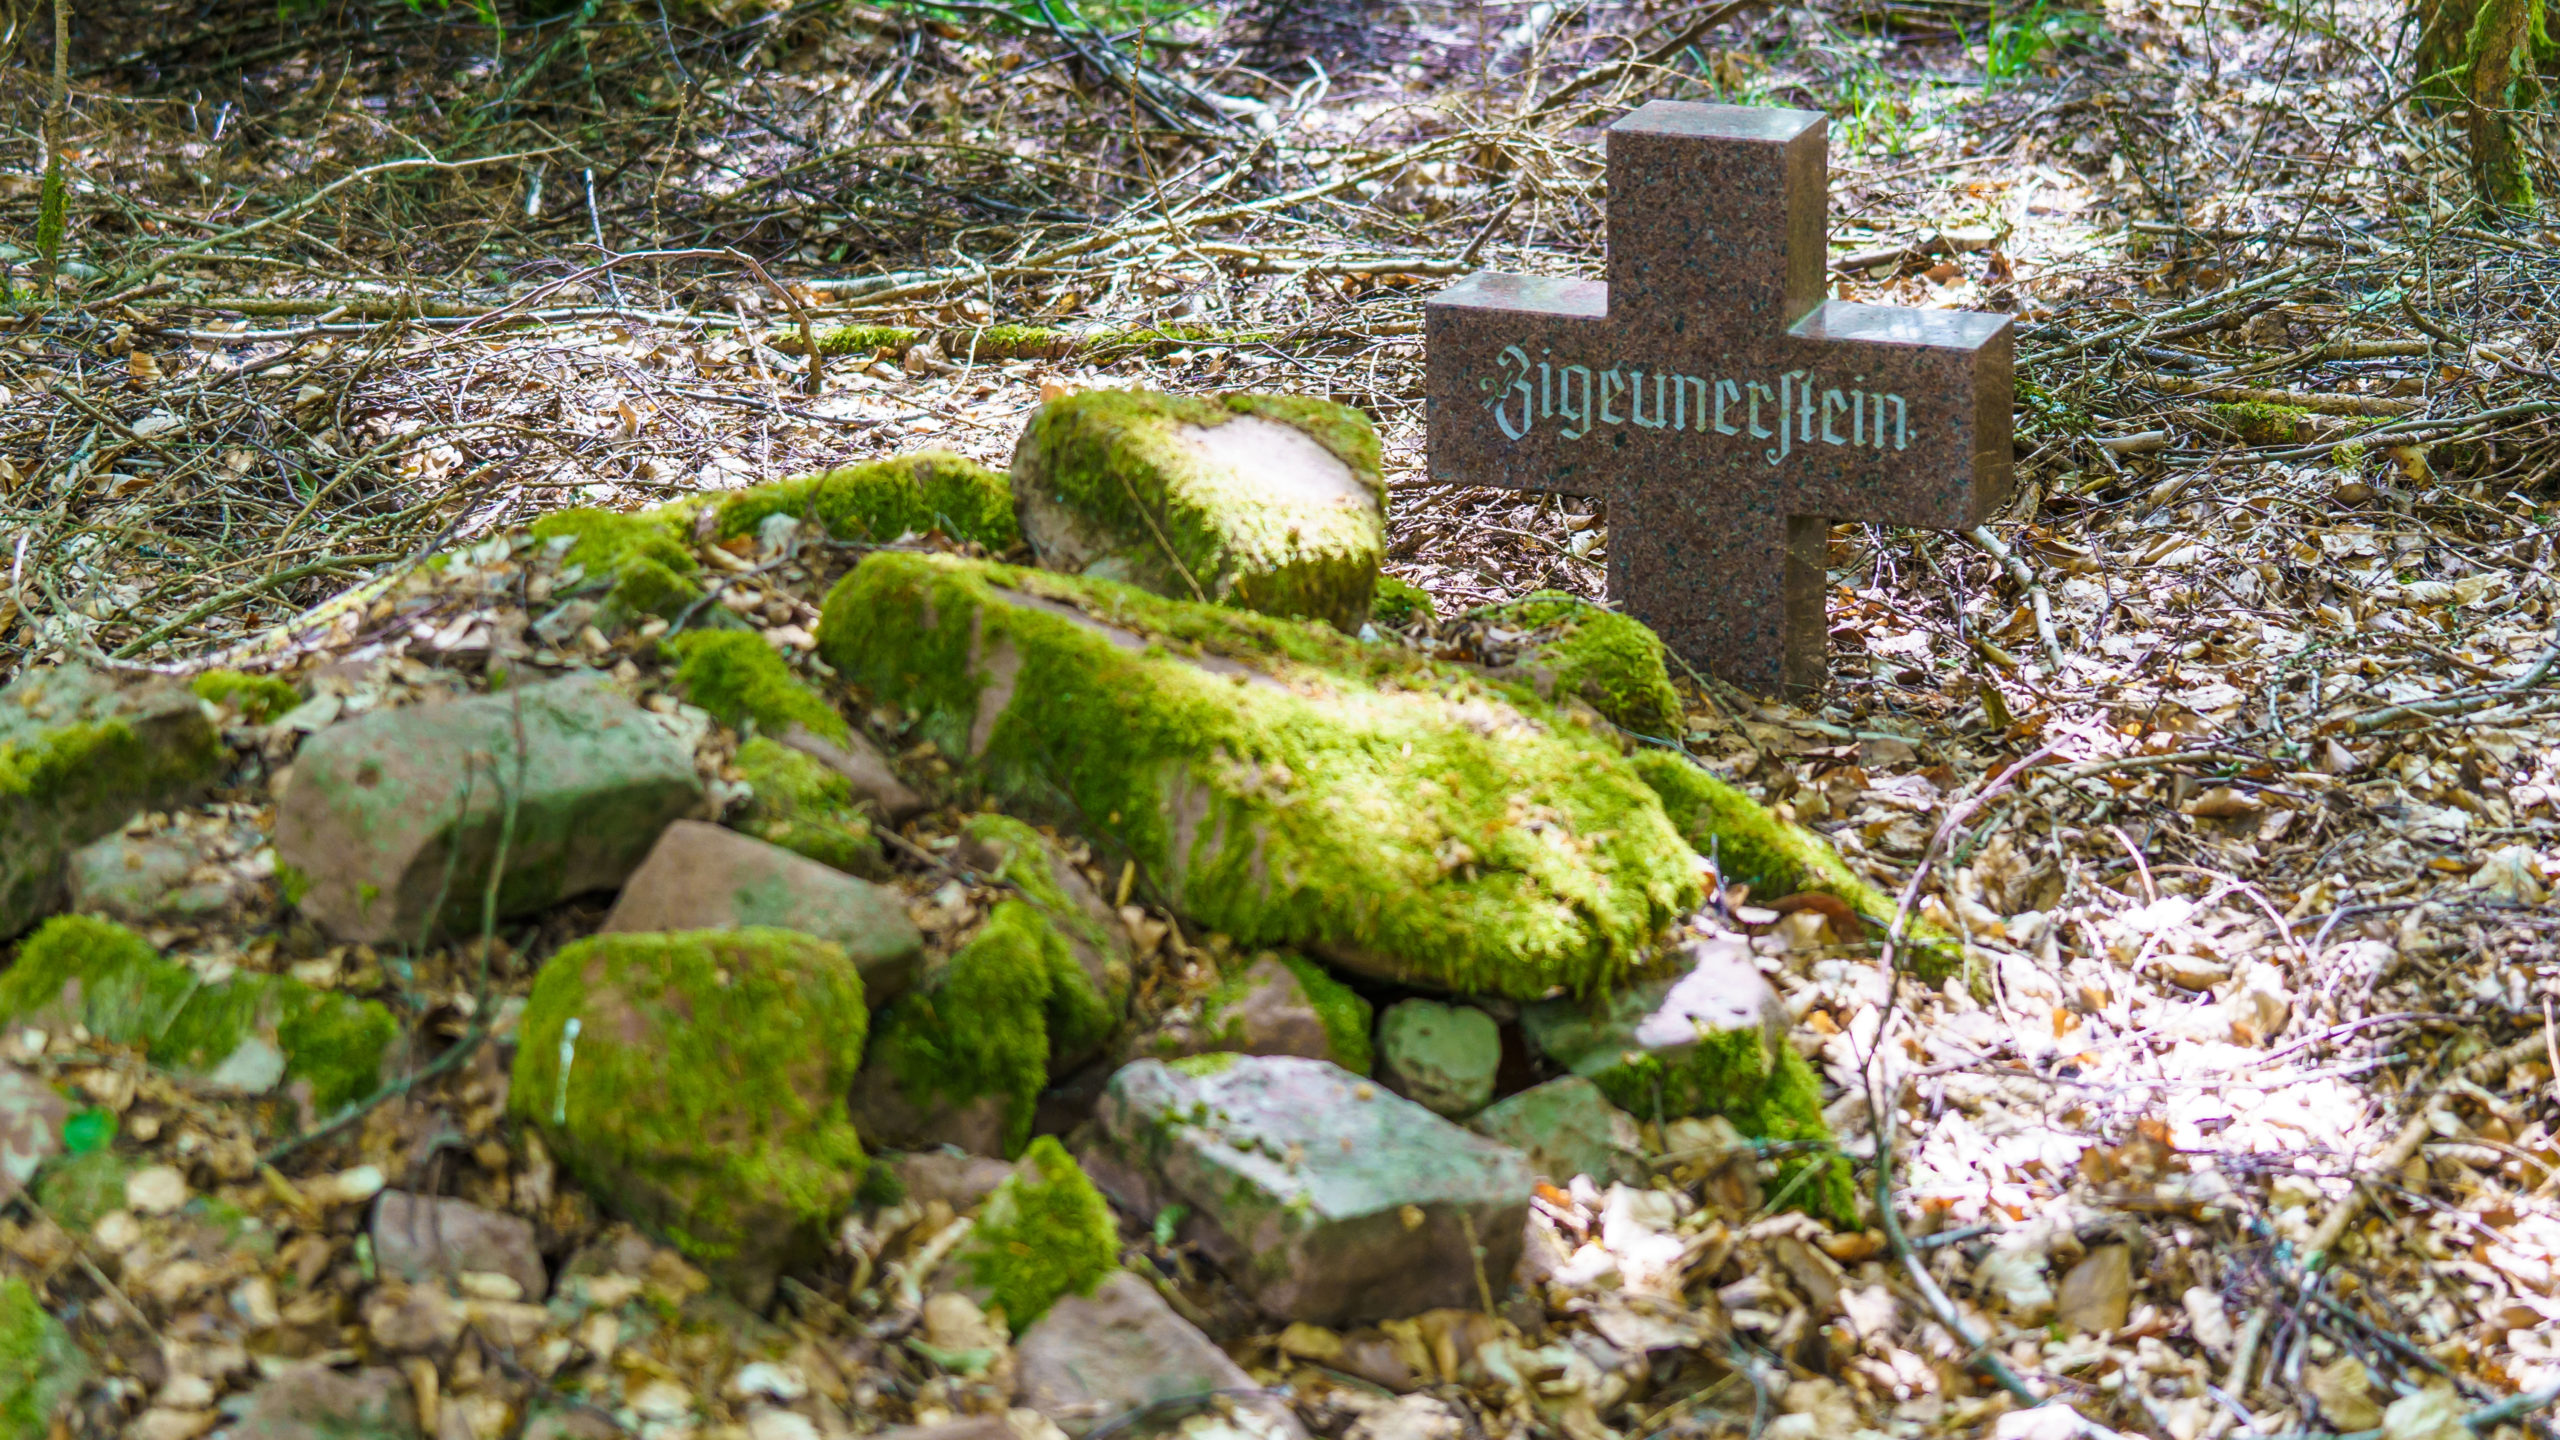 Grenzweg Gerstunger Forst, Zigeuner-Grabstätte (16. Jh.) am gemeinsamen Weg nahe Arnsberg